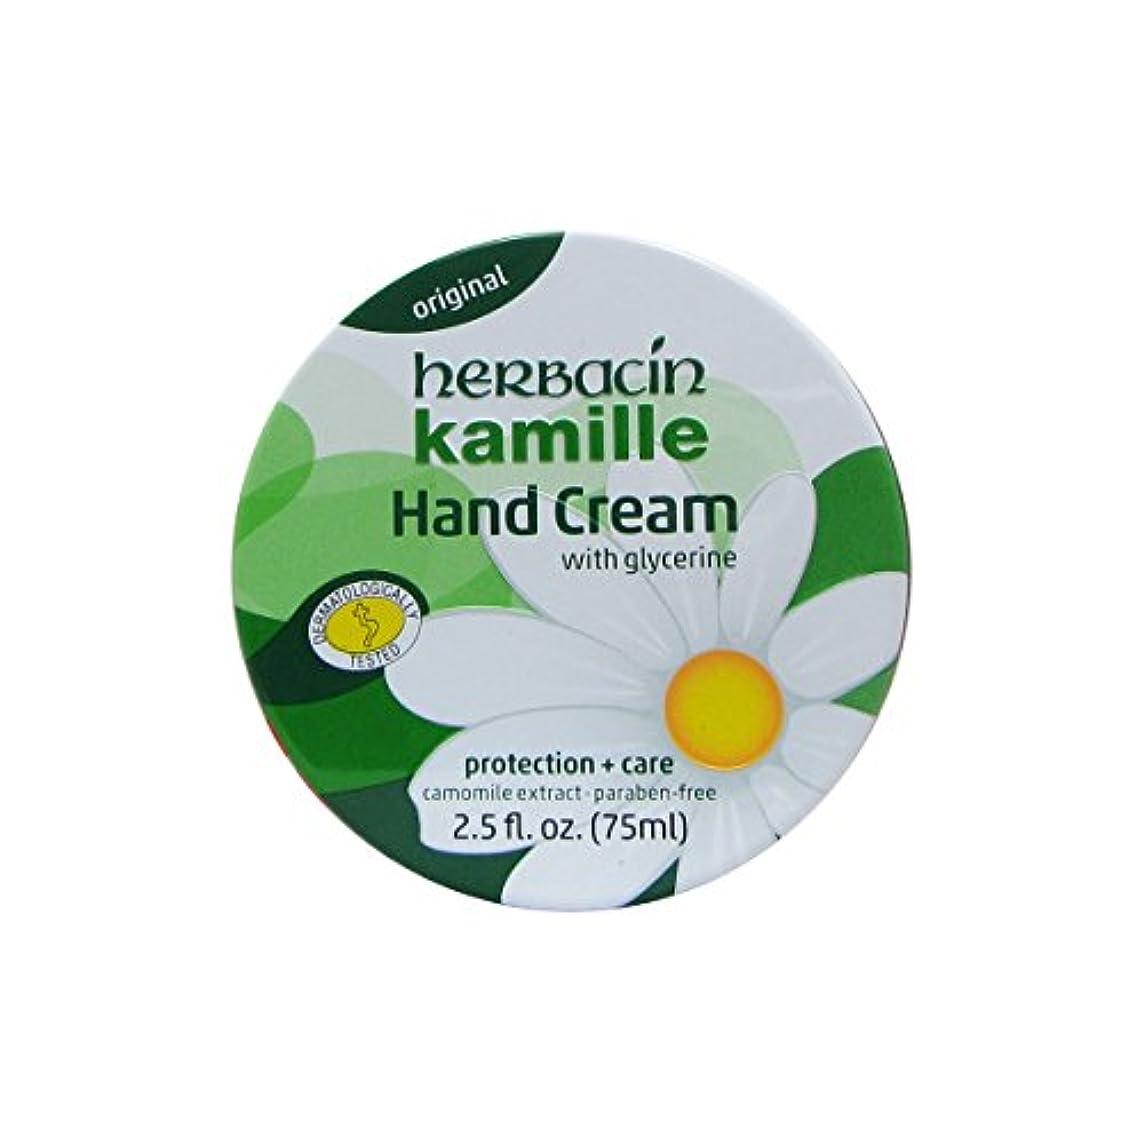 世紀高層ビル没頭するHerbacin Wuta Kamille Hand Cream Tin 75ml [並行輸入品]